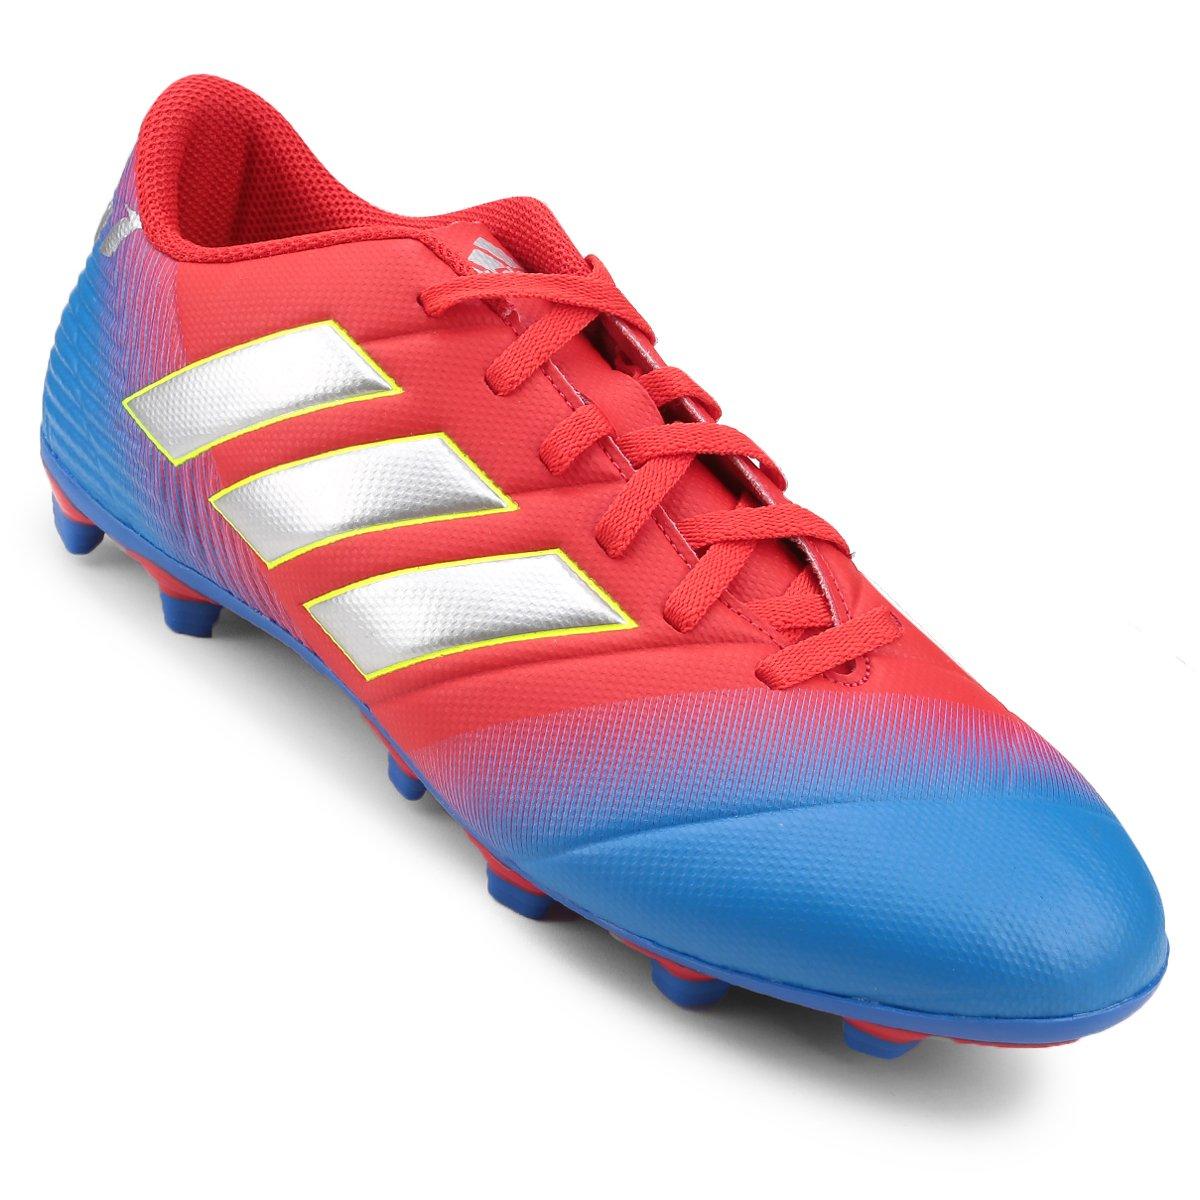 475d047ea6 Chuteira Campo Adidas Nemeziz Messi 18 4 FG